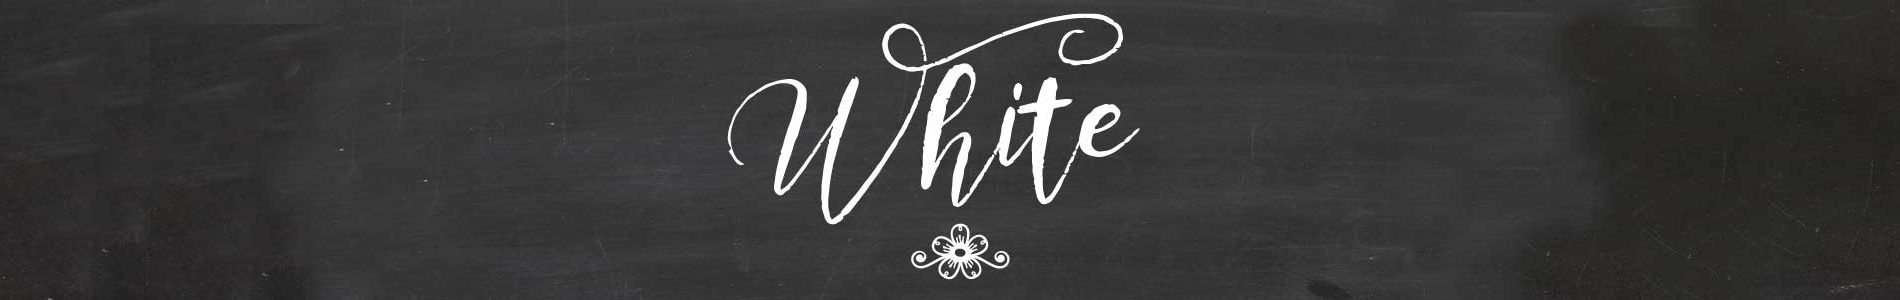 white header